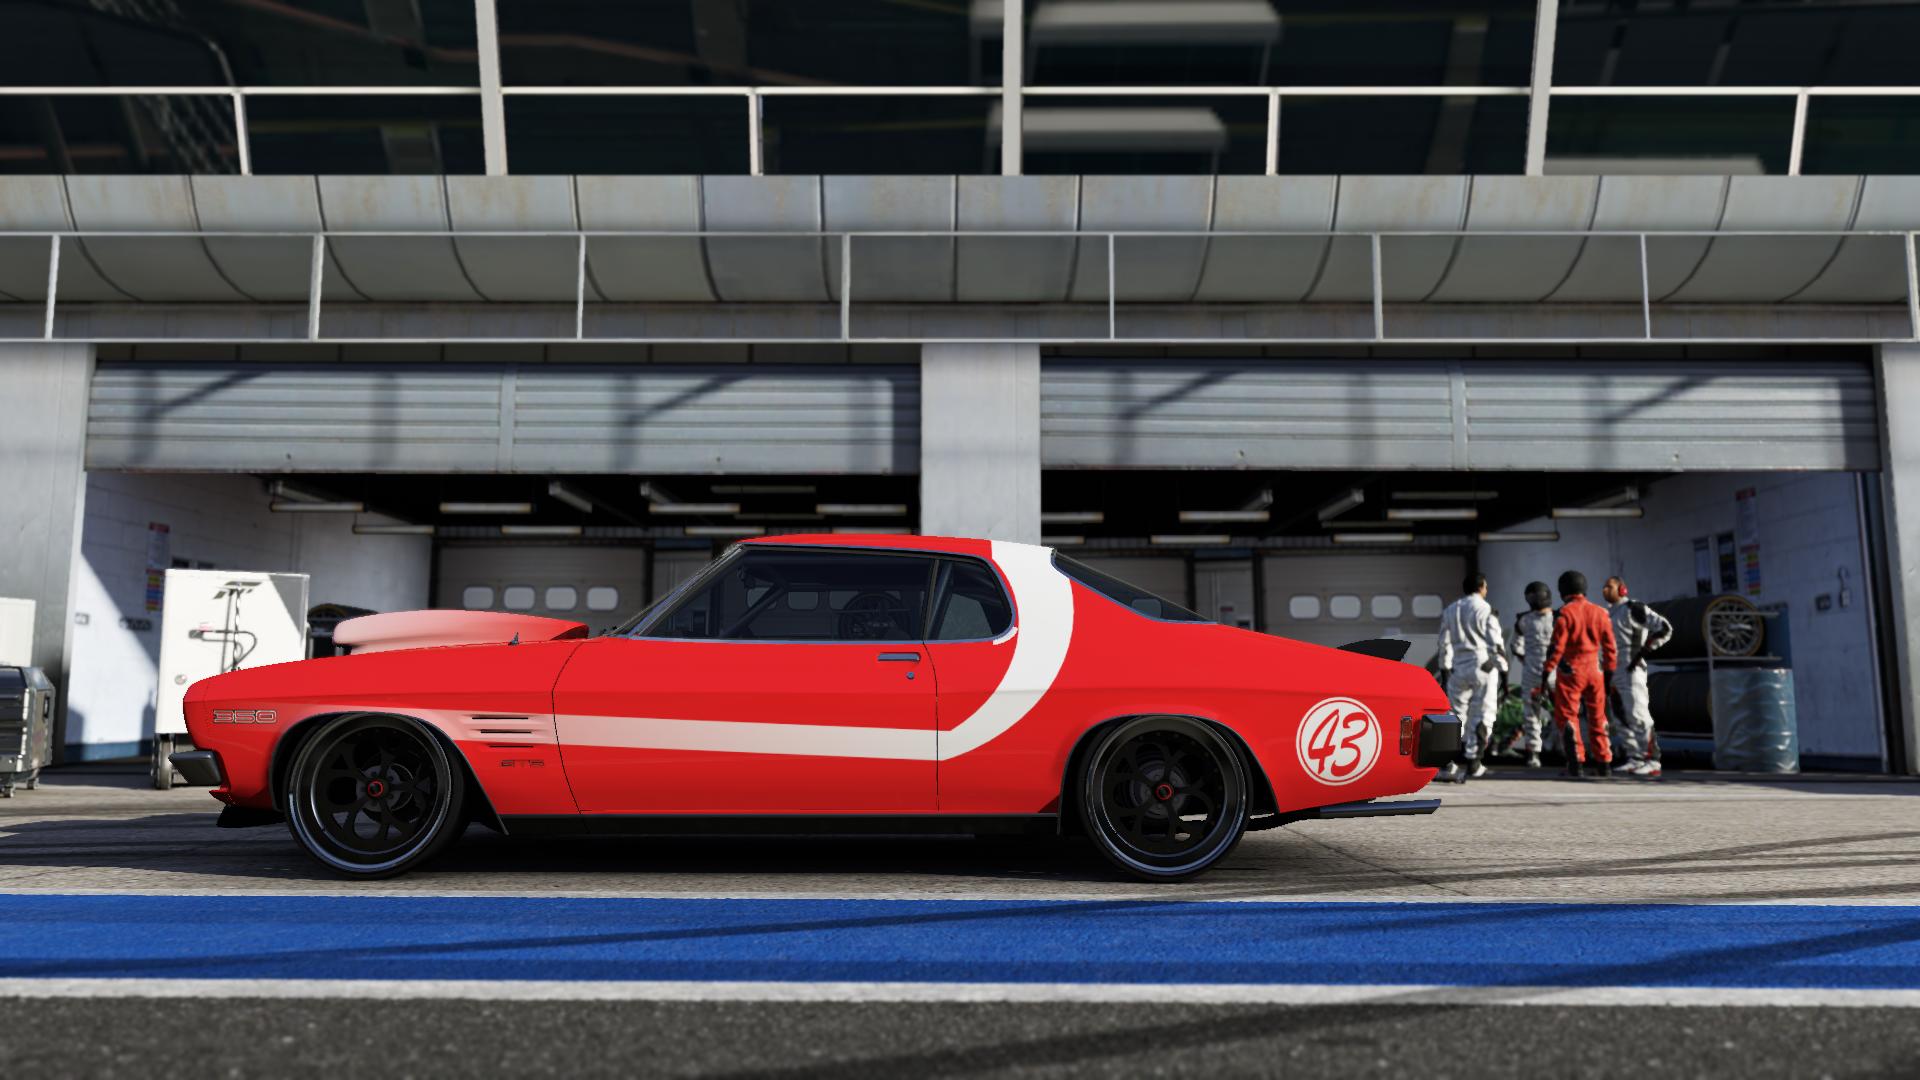 #43 #Forzamotorsport6 #Xboxone